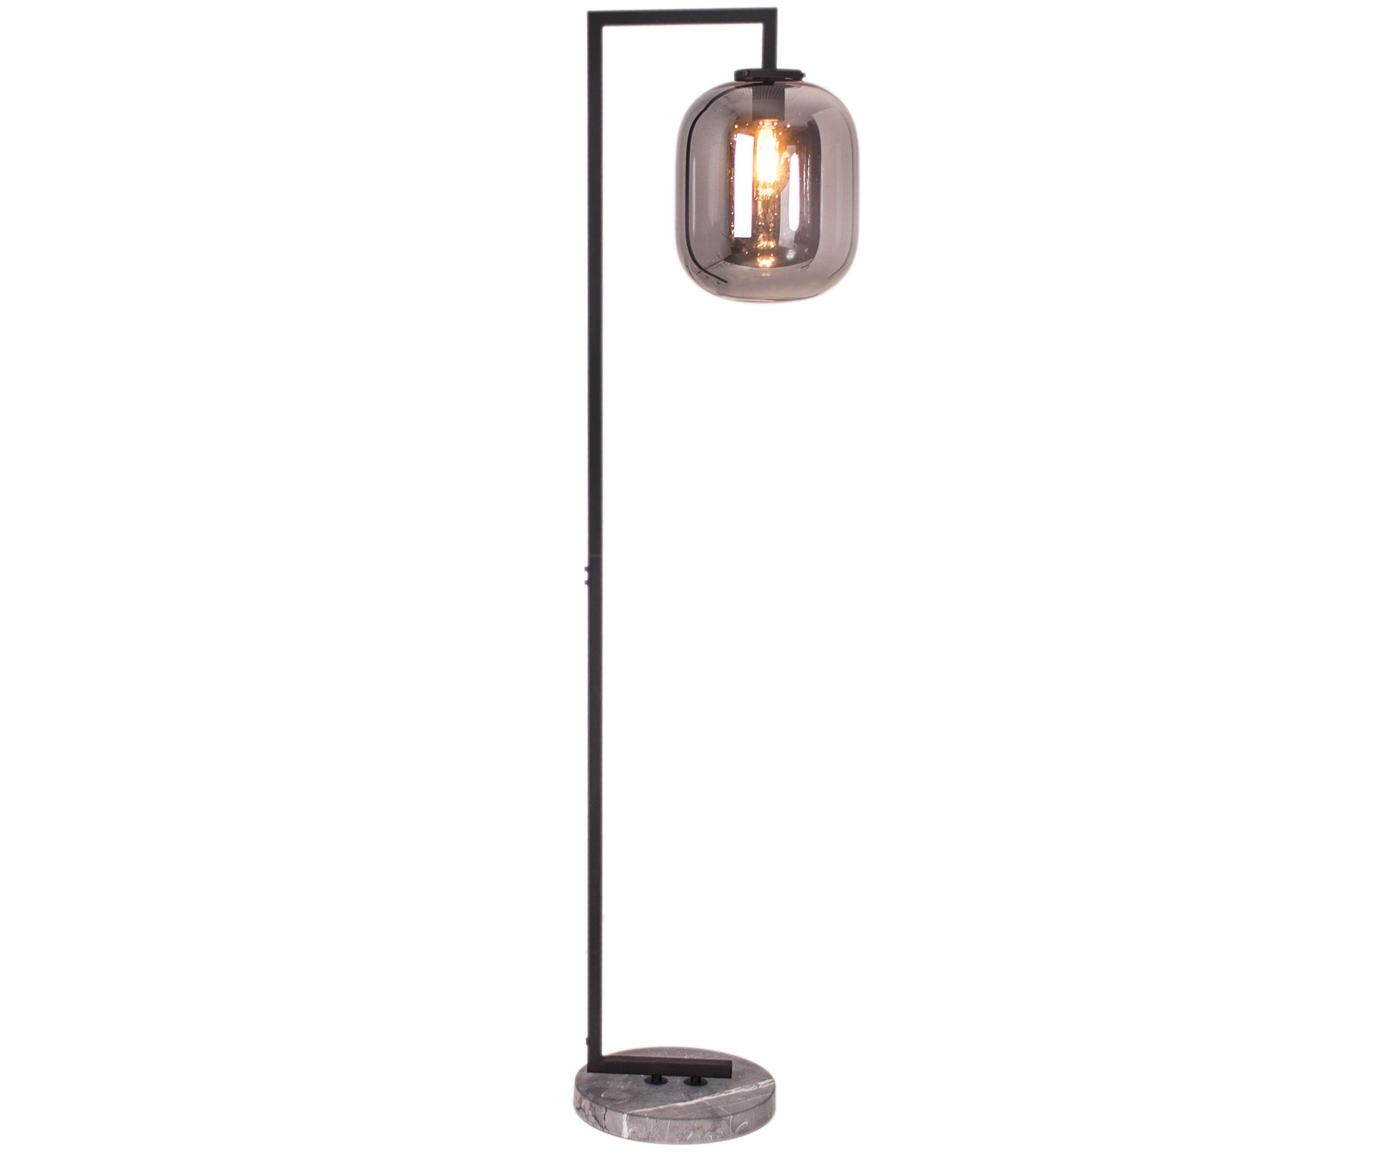 Lampada da terra in vetro Leola, Paralume: vetro, Base della lampada: marmo, Cromato, nero, Ø 12 x Alt. 150 cm